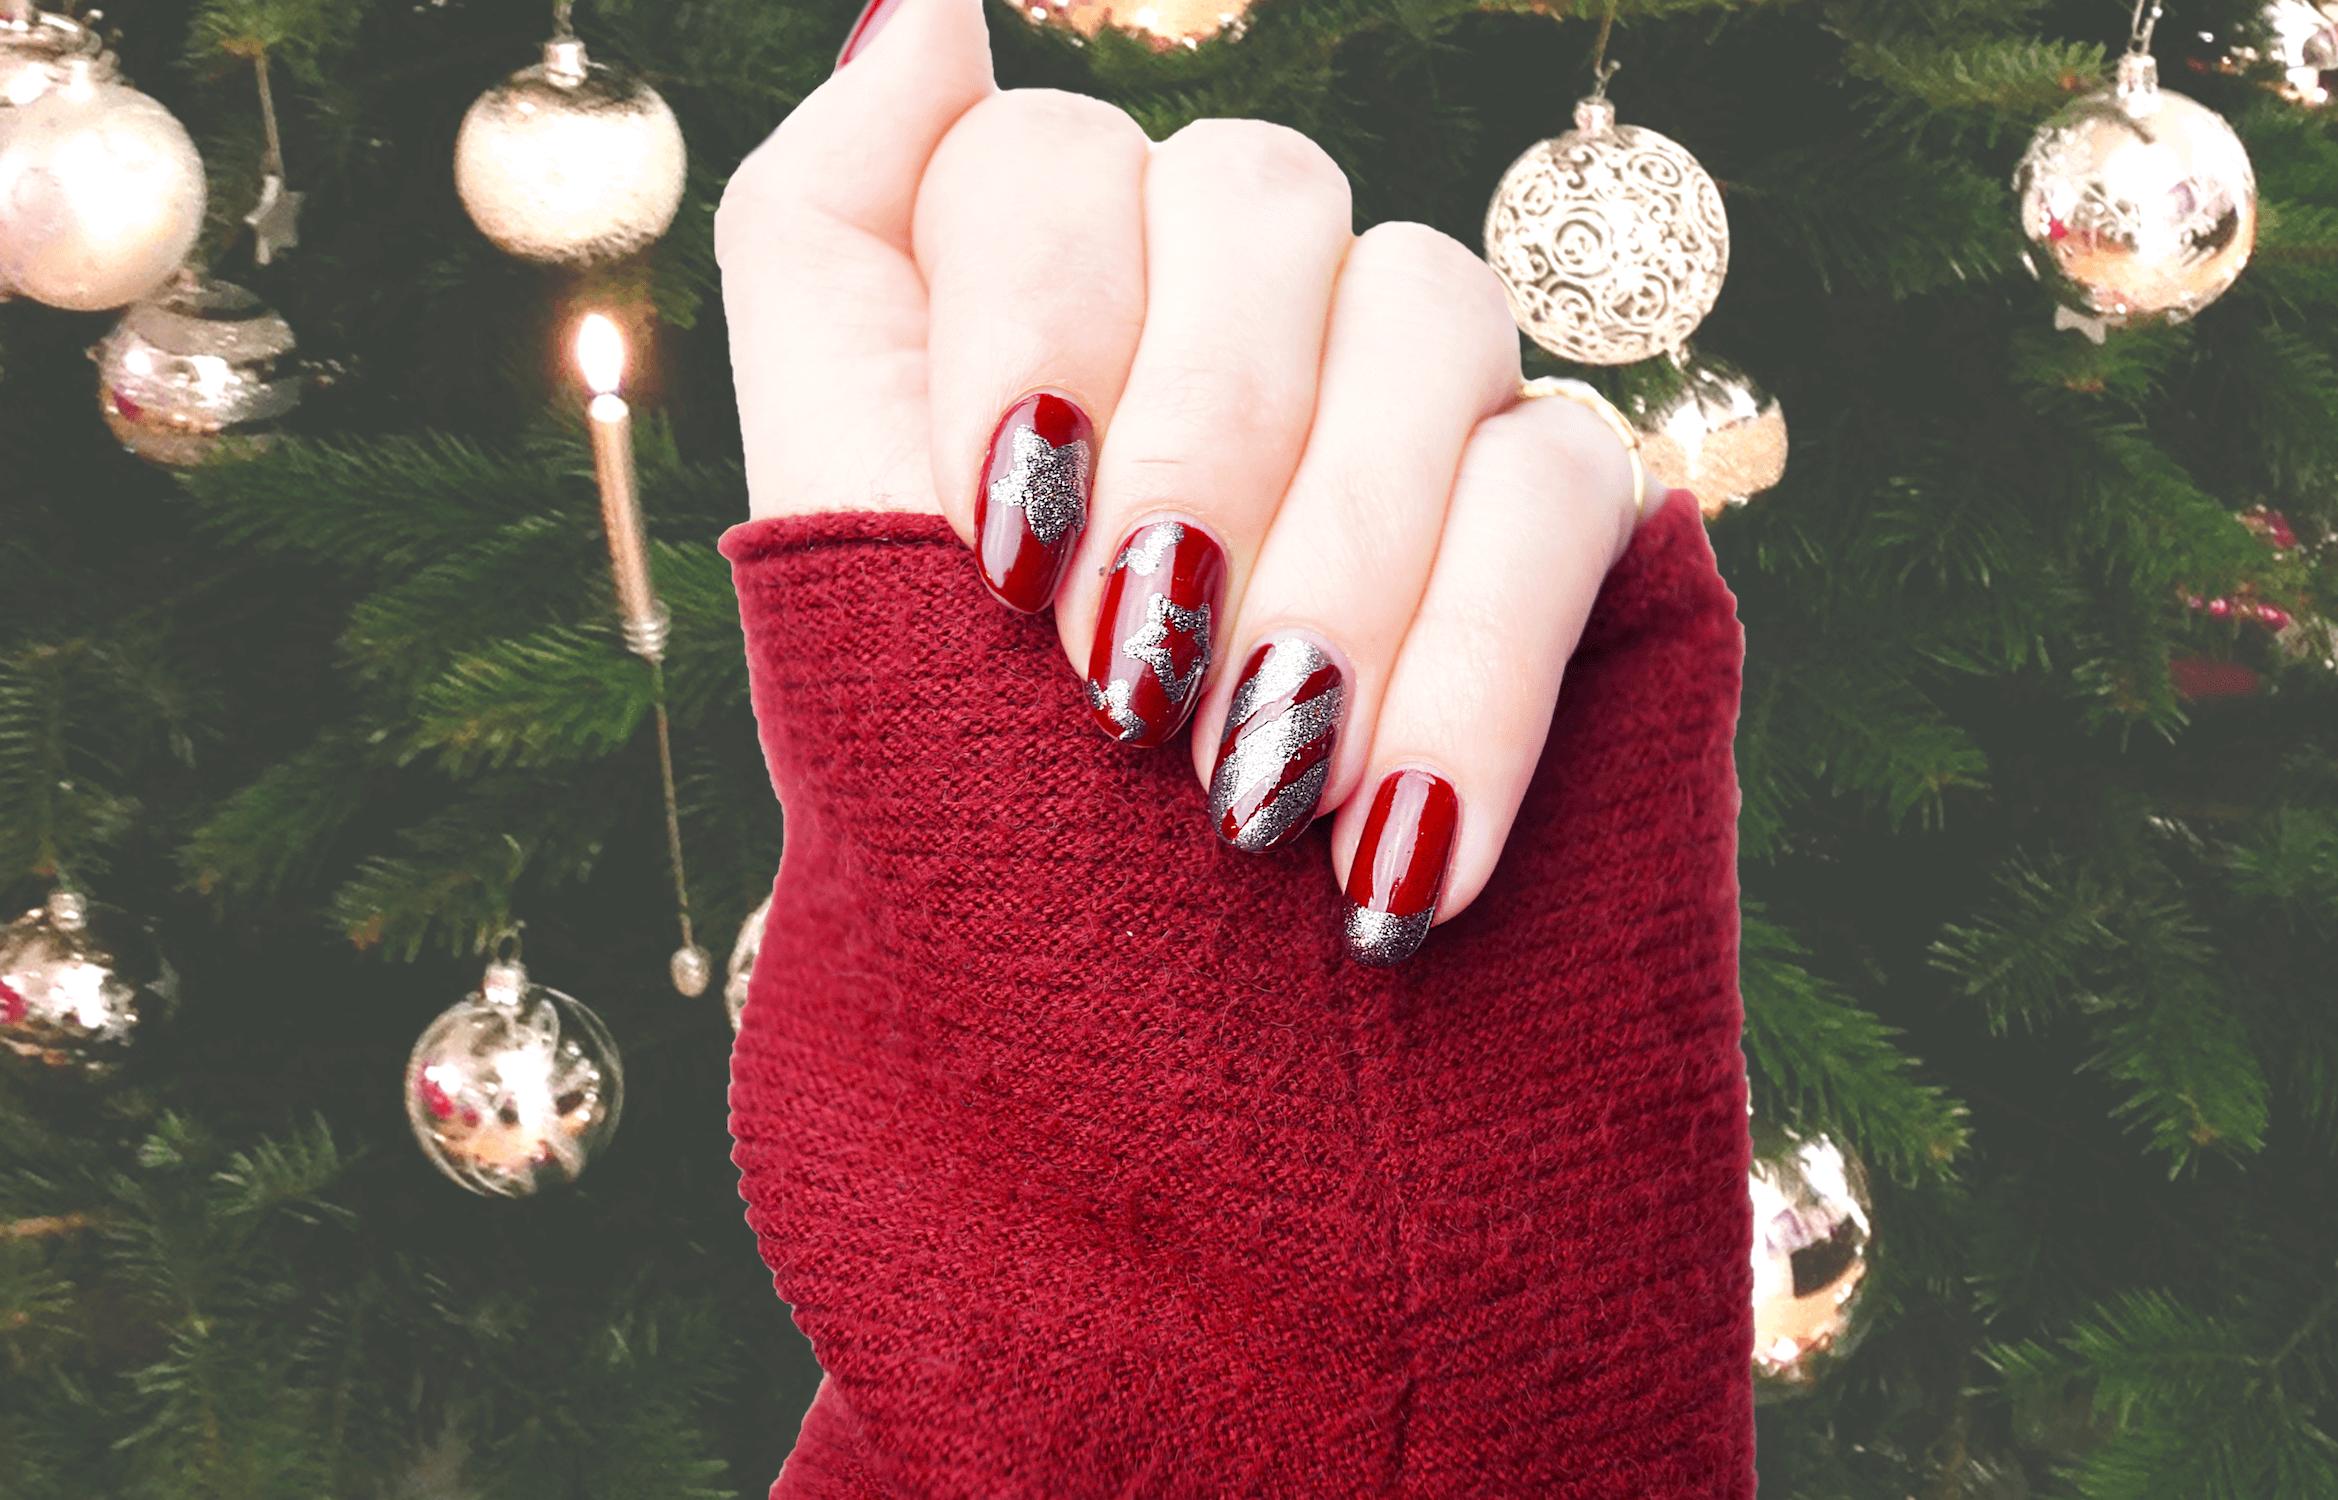 Unglaublich Weihnachts Nägel Rot Sammlung Von Weihnachtsnägel: Perfektes Trifft Auf Diamantenstaub. Weihnachten -n-gel-naildesign